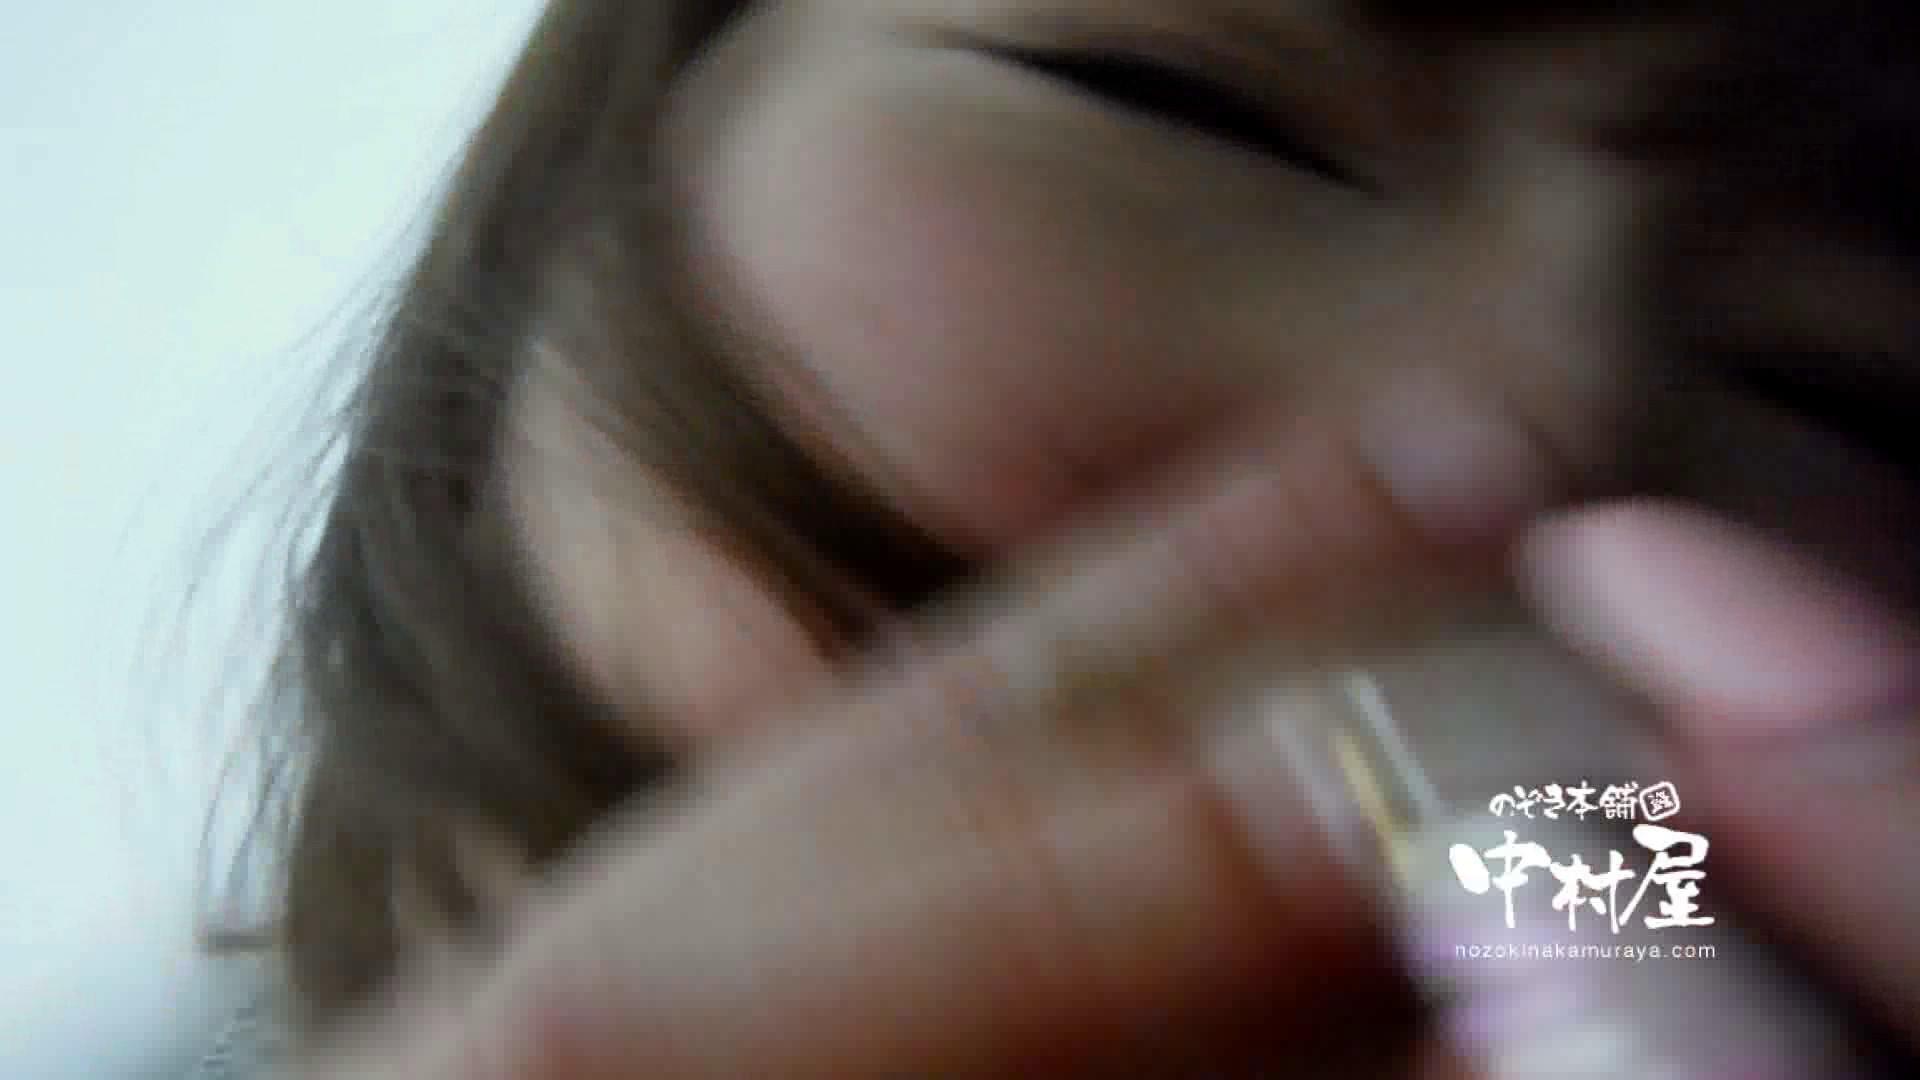 鬼畜 vol.16 実はマンざらでもない柔らかおっぱいちゃん 後編 おっぱい特集   OLの実態  67pic 46